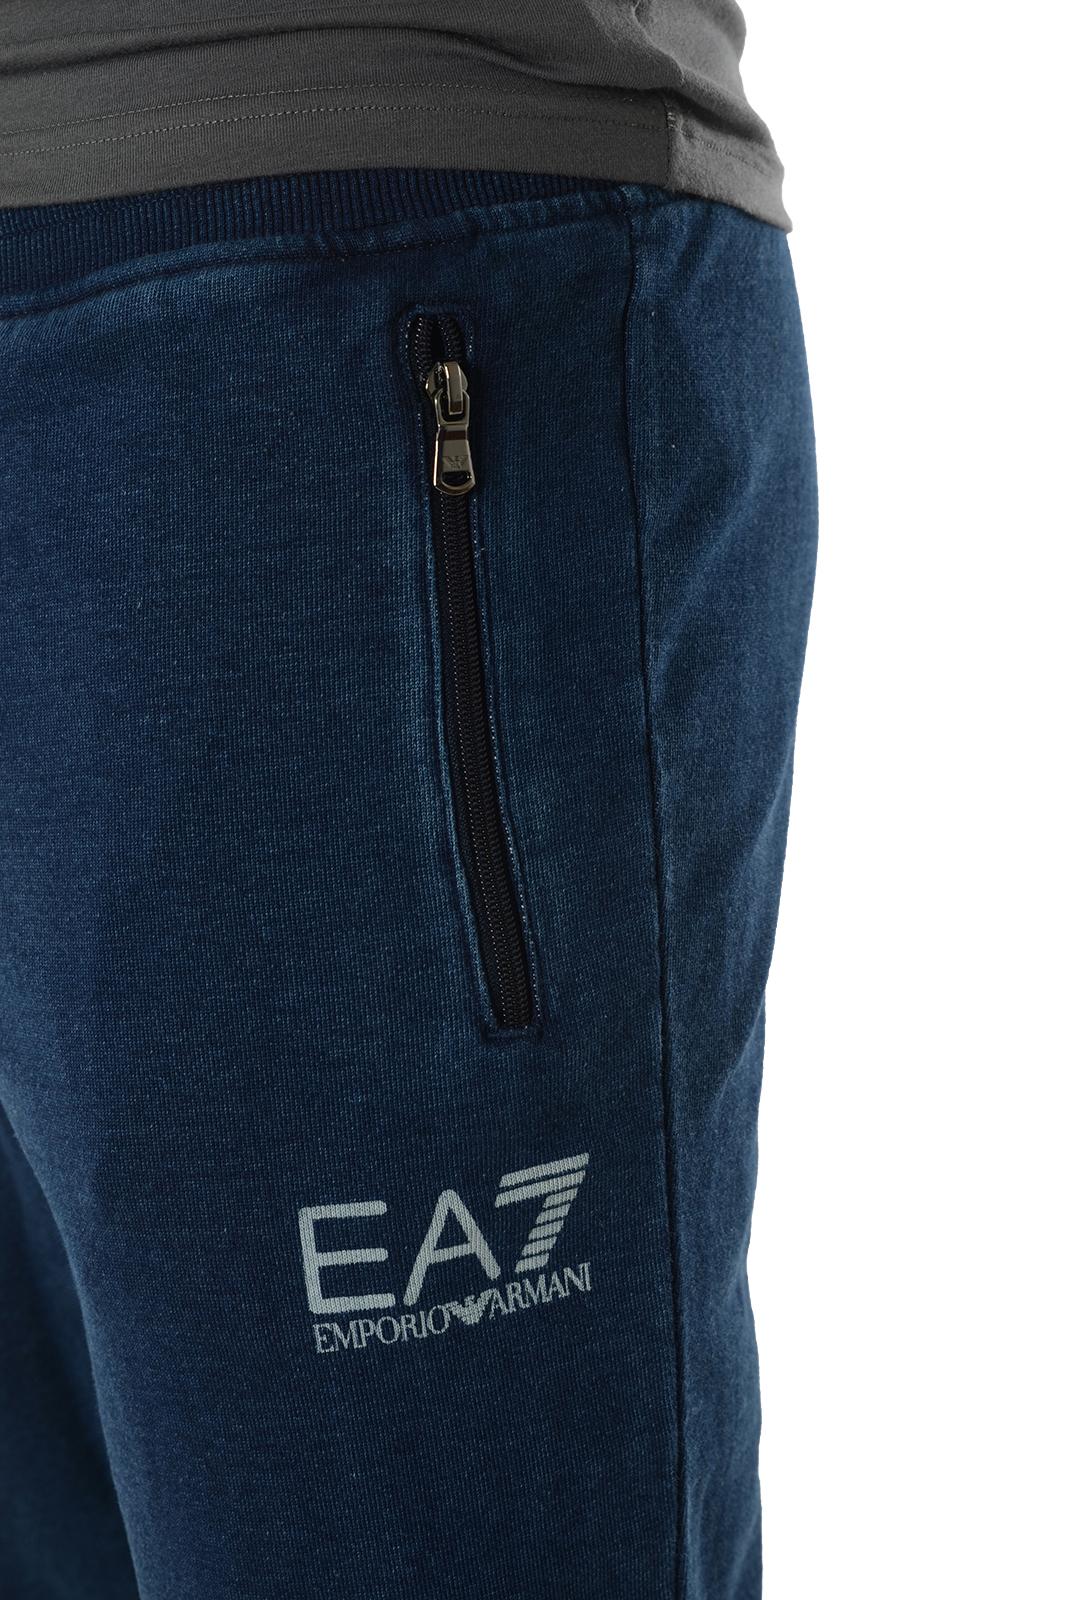 Pantalons sport/streetwear  Emporio armani 6XPP69 PJ42Z 1500